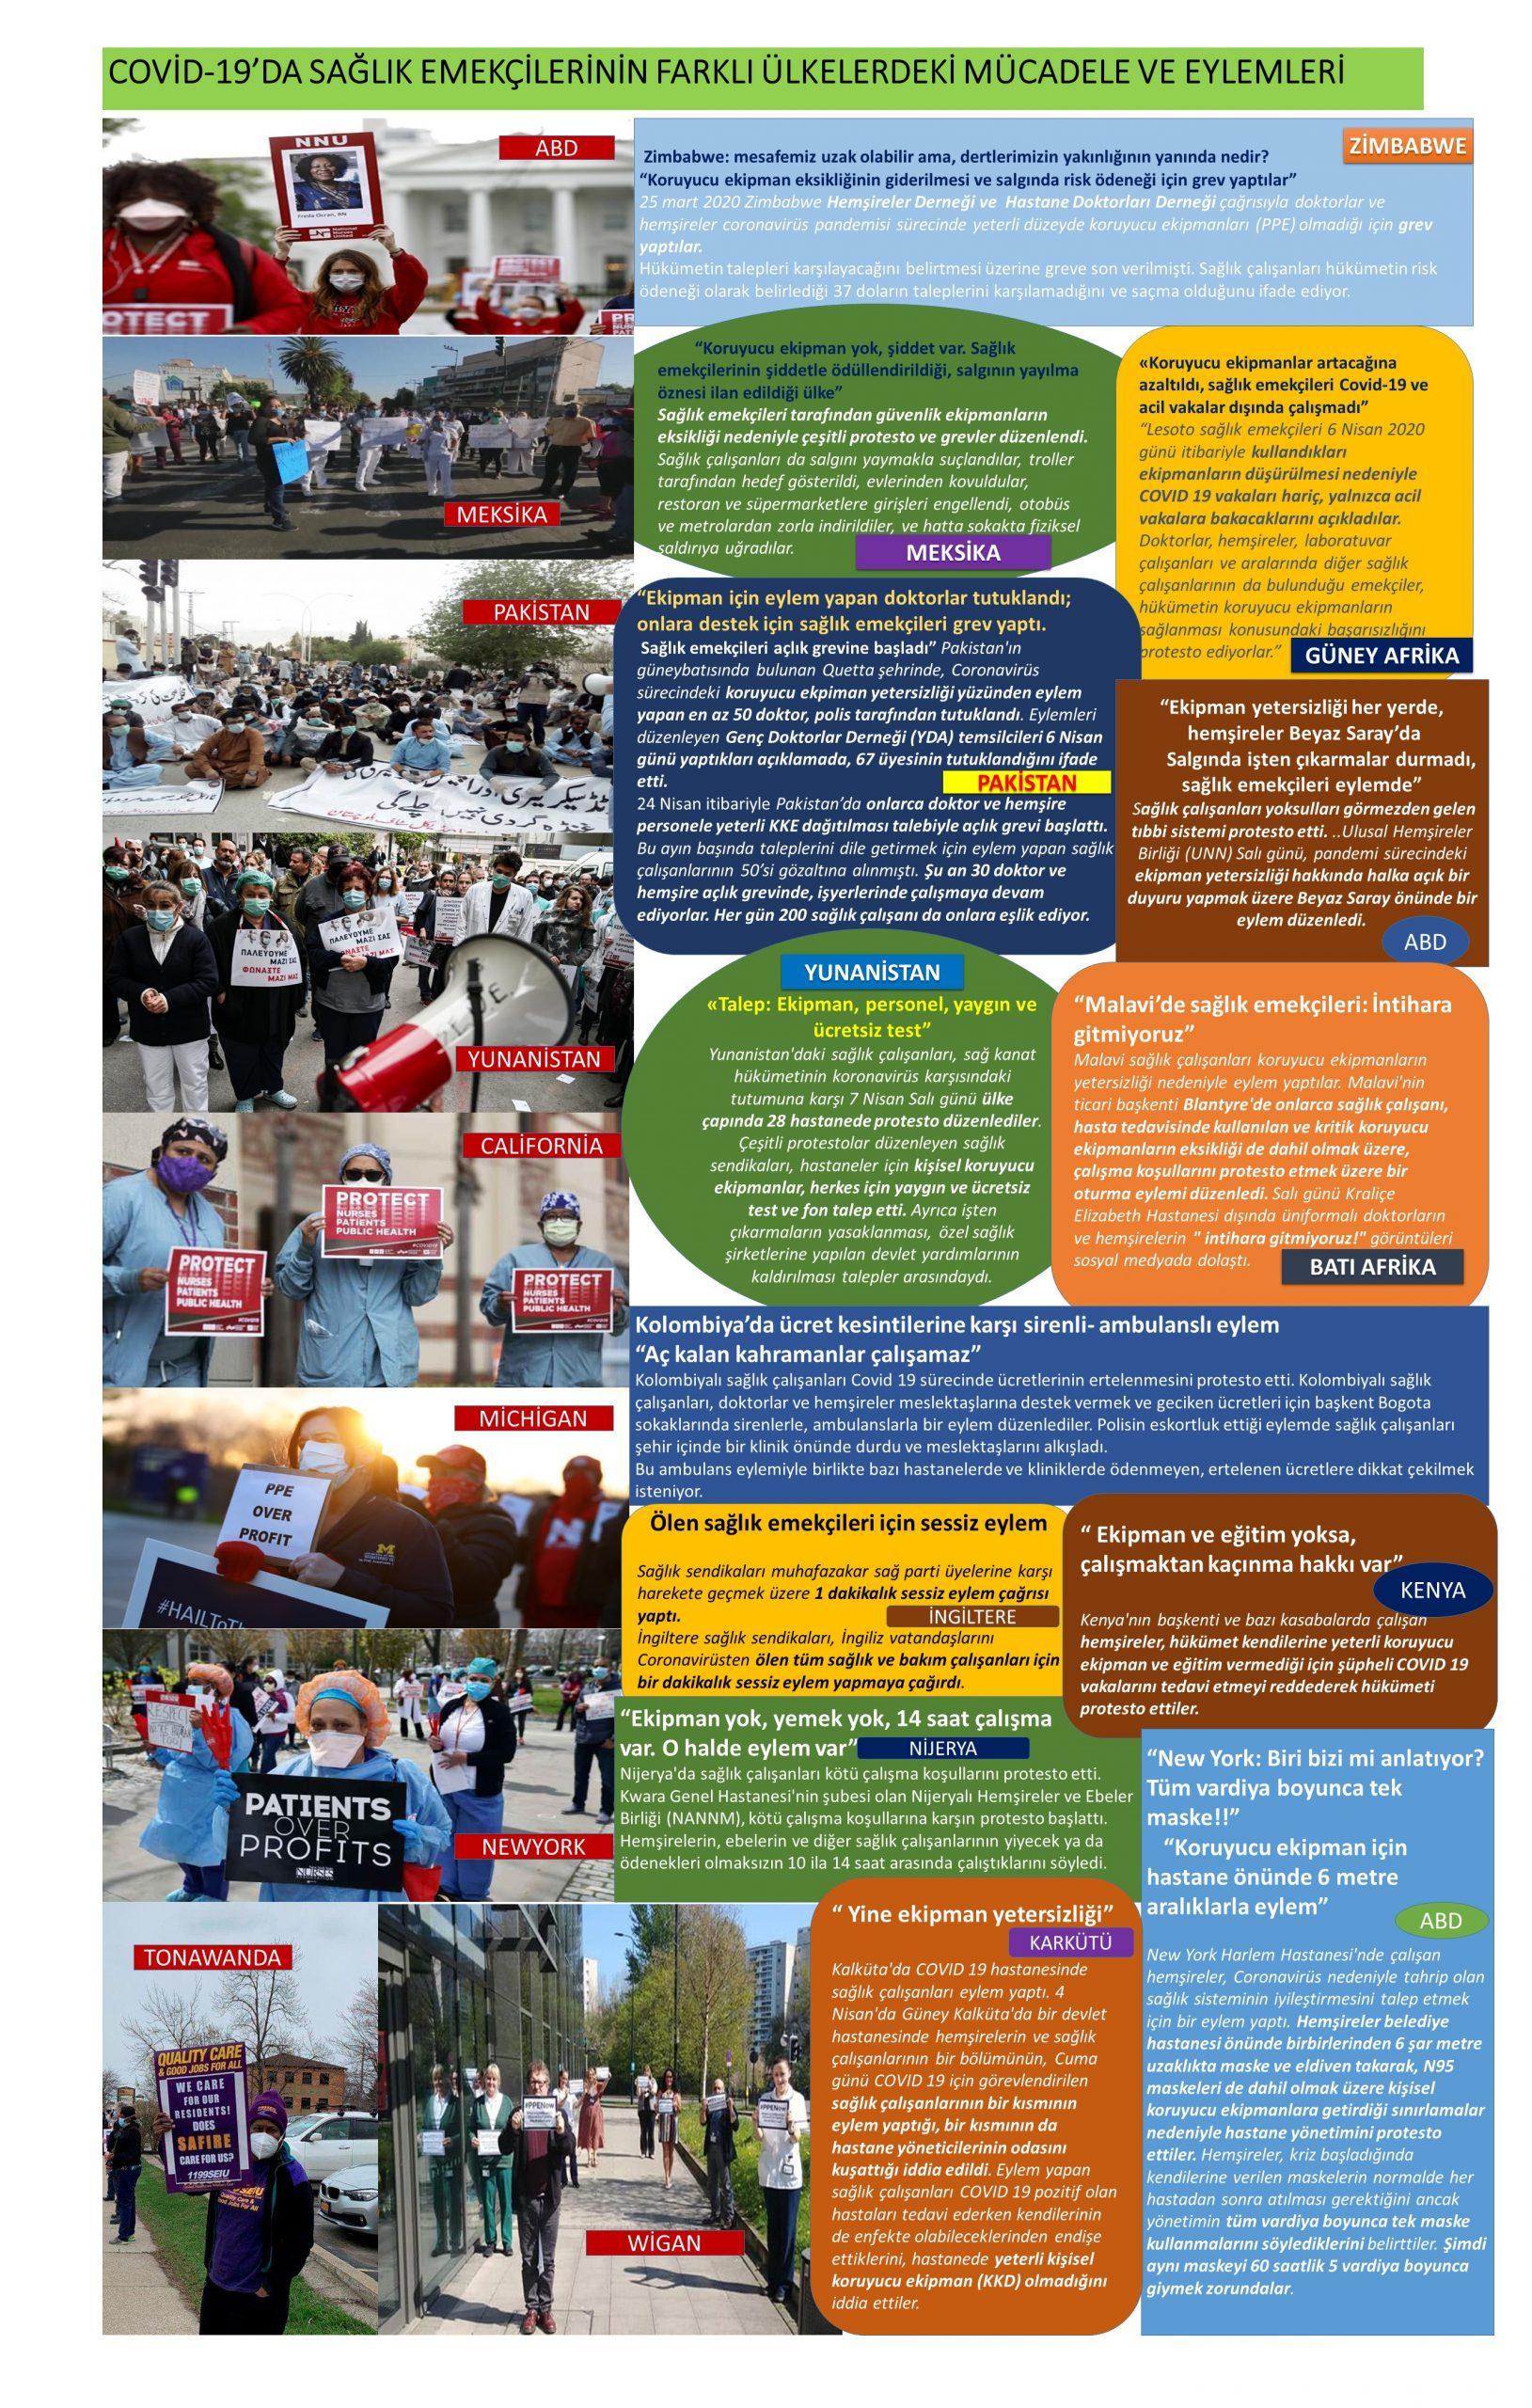 Covid-19 Salgın Sürecinde Sağlık Emekçilerinin Farklı Ülkelerdeki Mücadele ve Eylemleri